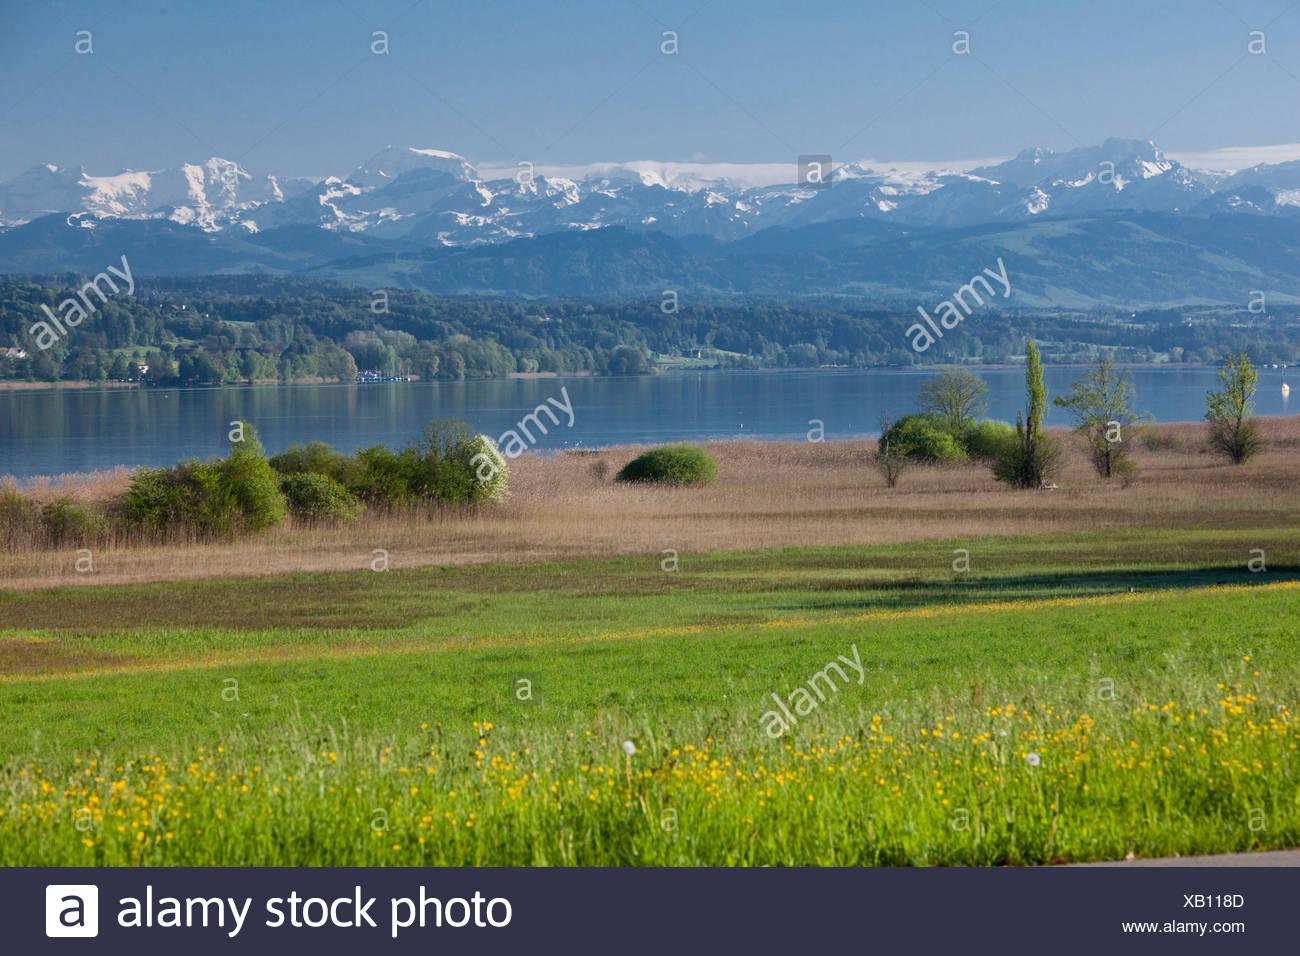 La Svizzera, Europa, lago, nave, barca, navi, barche, Alpi, Canton, ZH, Zurigo, molla, Greifensee, Lago di Greifen, prato, Foto Stock